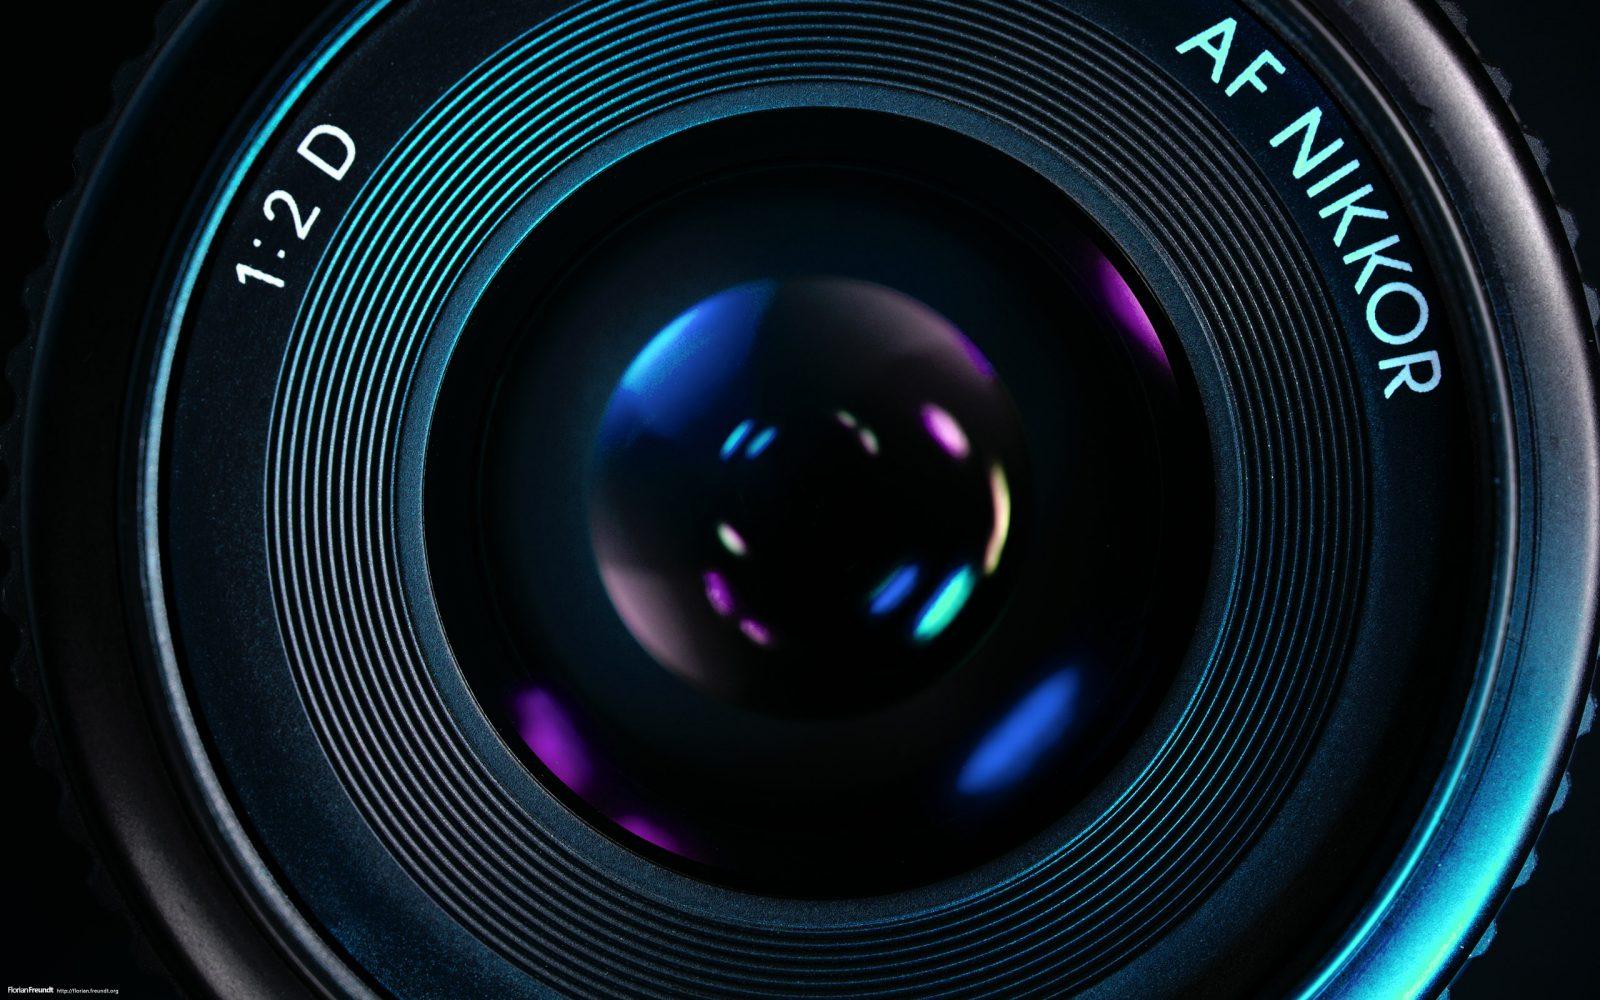 Объектив фотоаппарата.